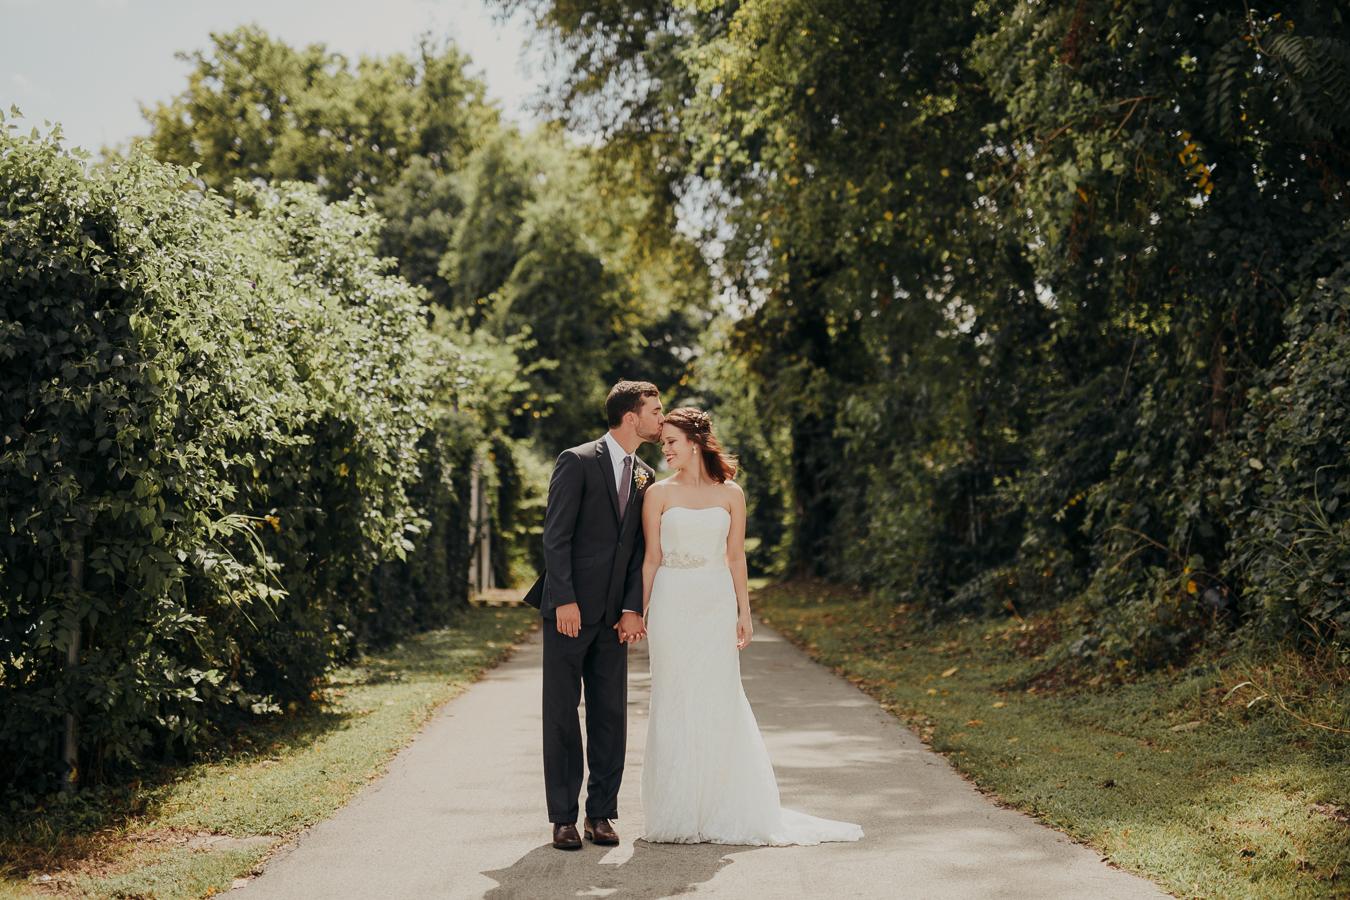 Nashville Wedding Photograpger - Photography Anthology-81.jpg